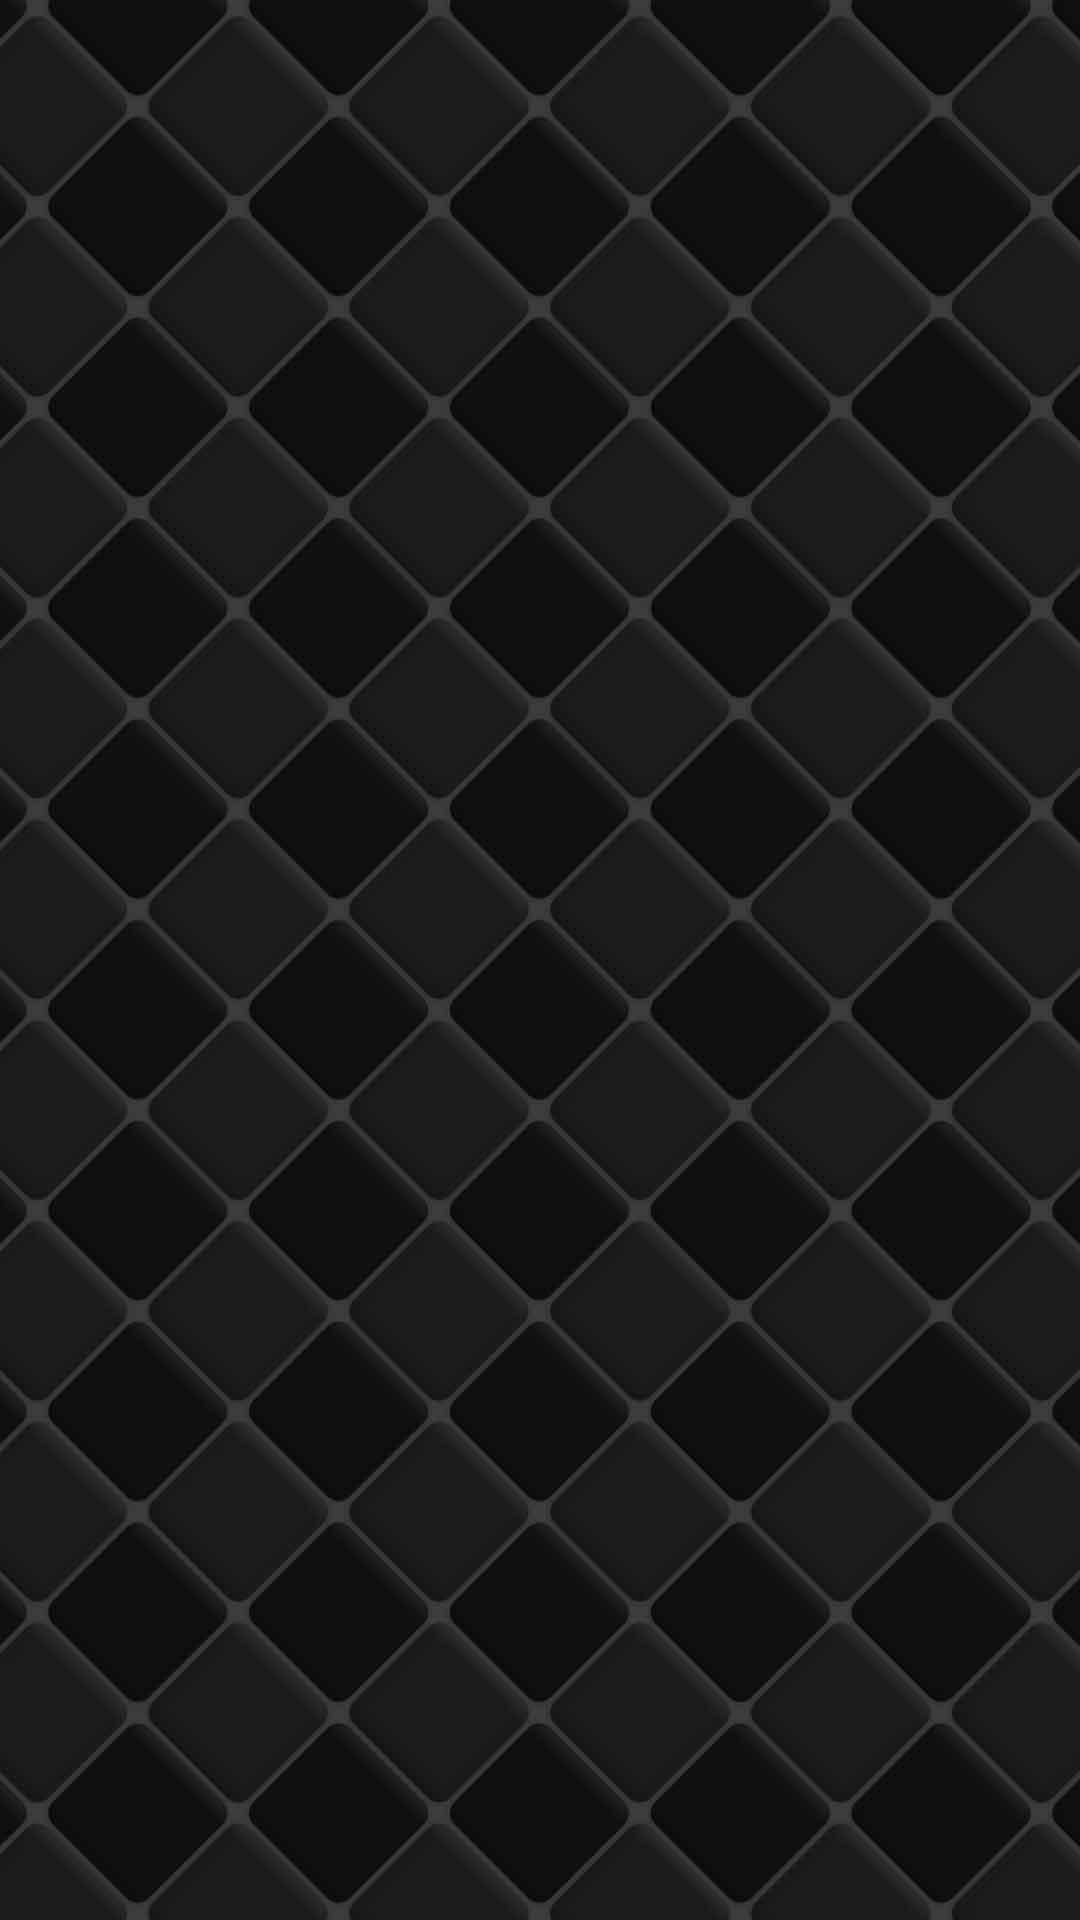 matt black wallpaper